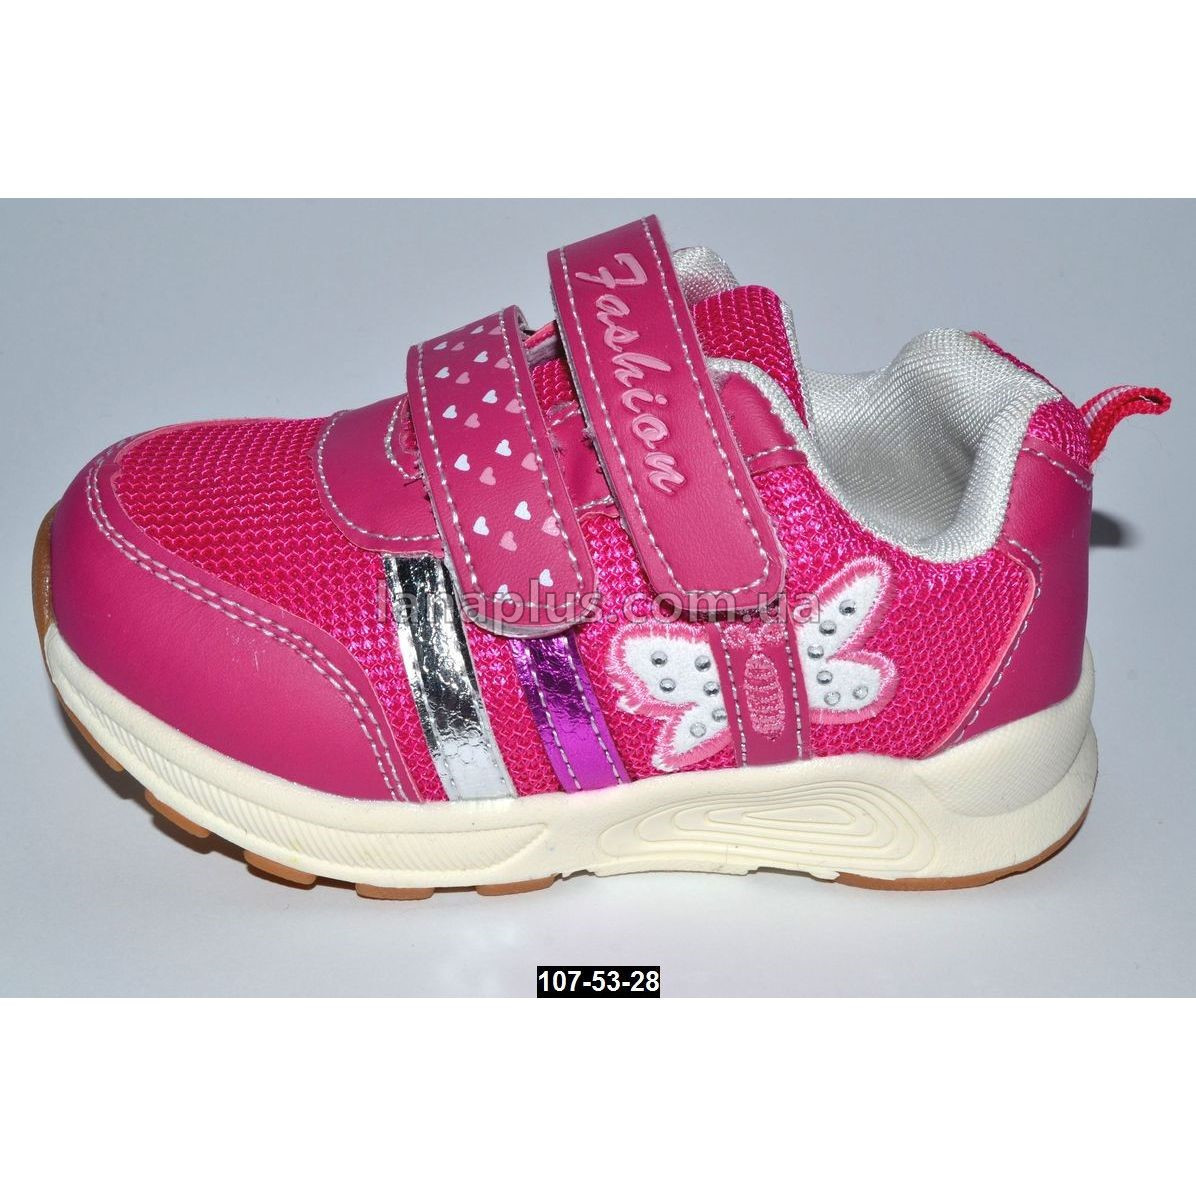 Дышащие кроссовки для девочки, 22 размер (14 см), Tom.m, кожаная стелька, супинатор, 107-53-28